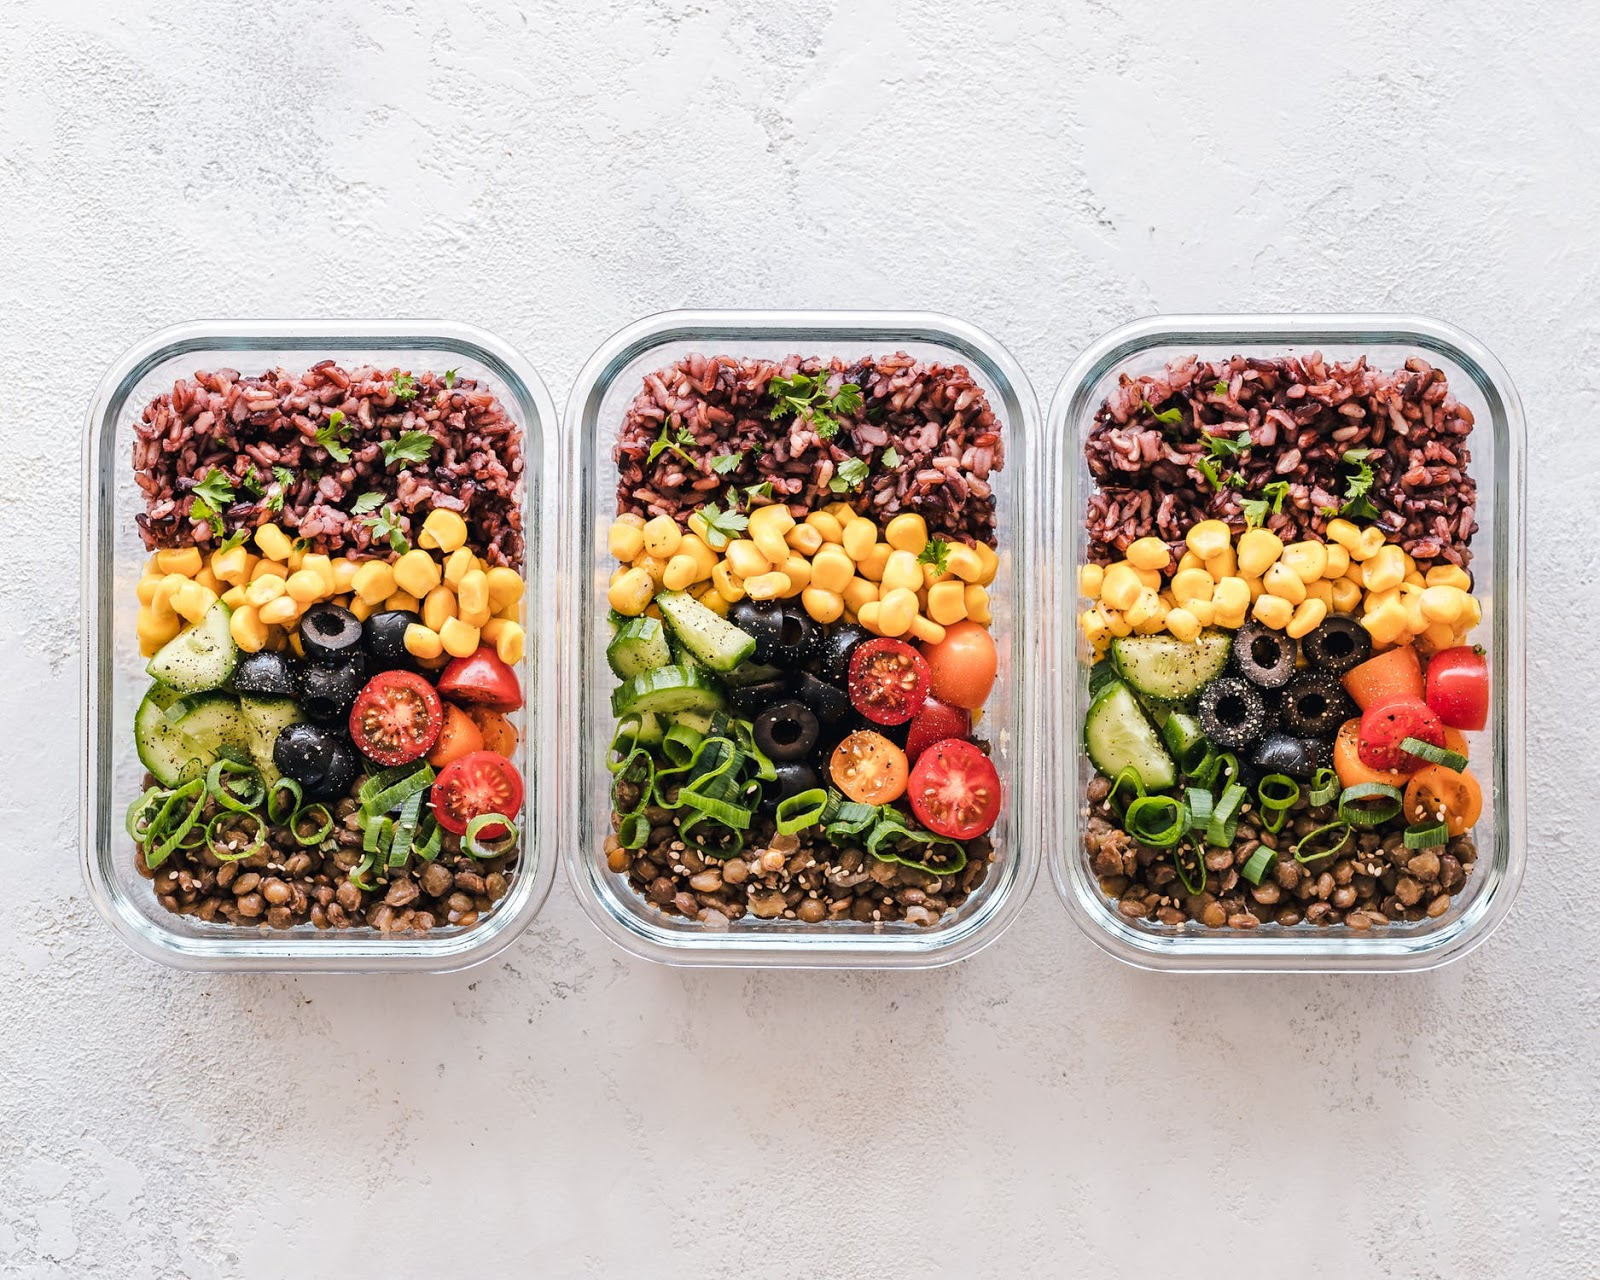 Dieta pudełkowa - czy jest skuteczna? Plusy i minusy